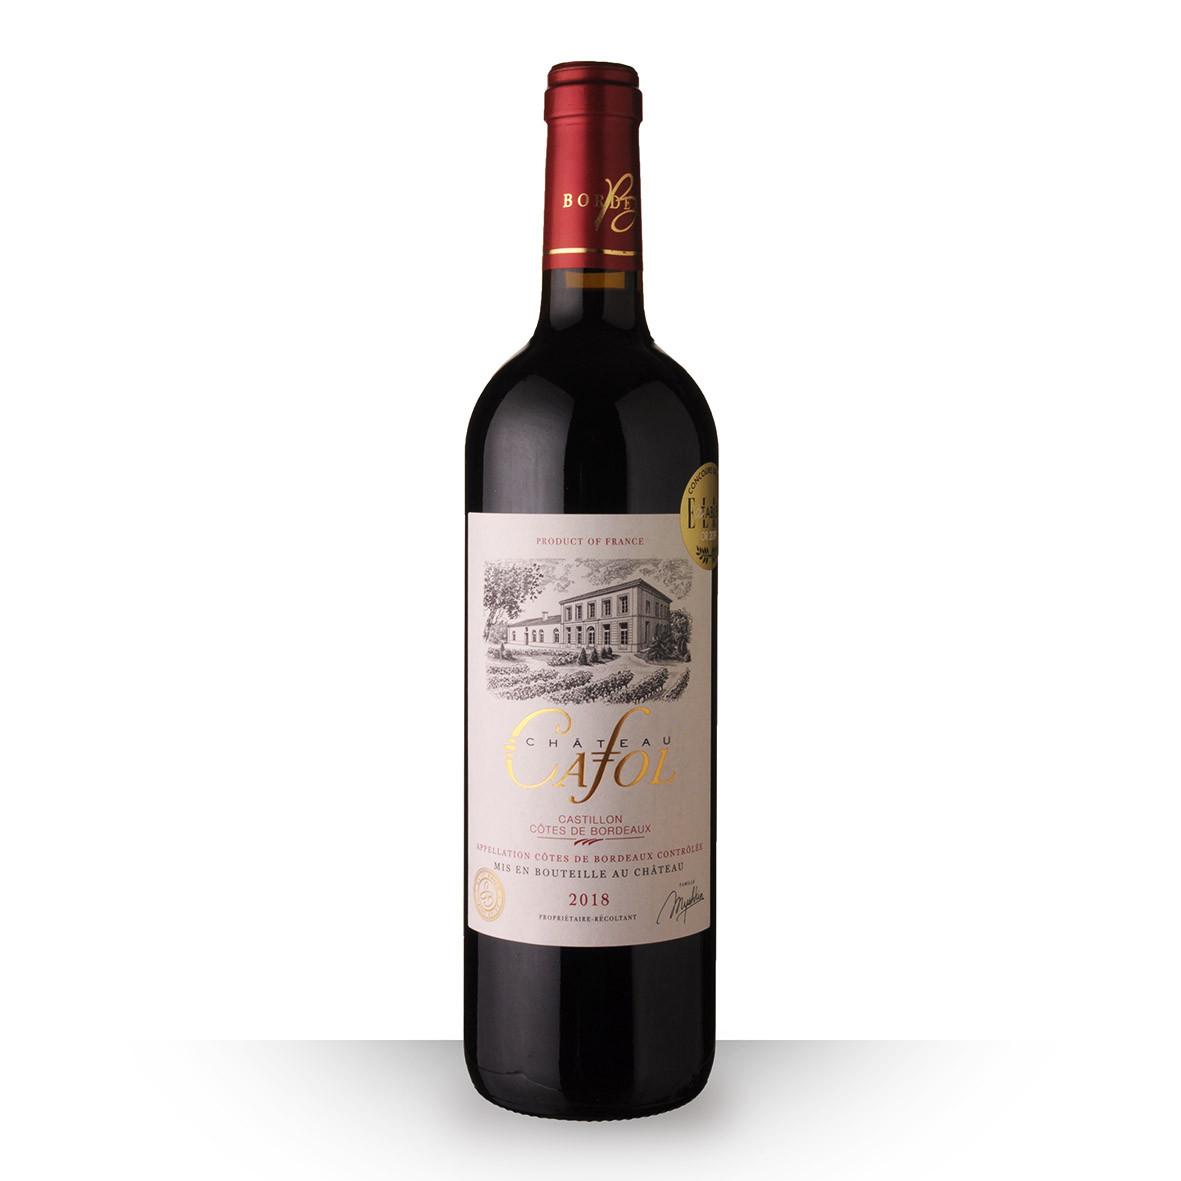 Château Cafol Côtes de Bordeaux Castillon Rouge 2018 75cl www.odyssee-vins.com